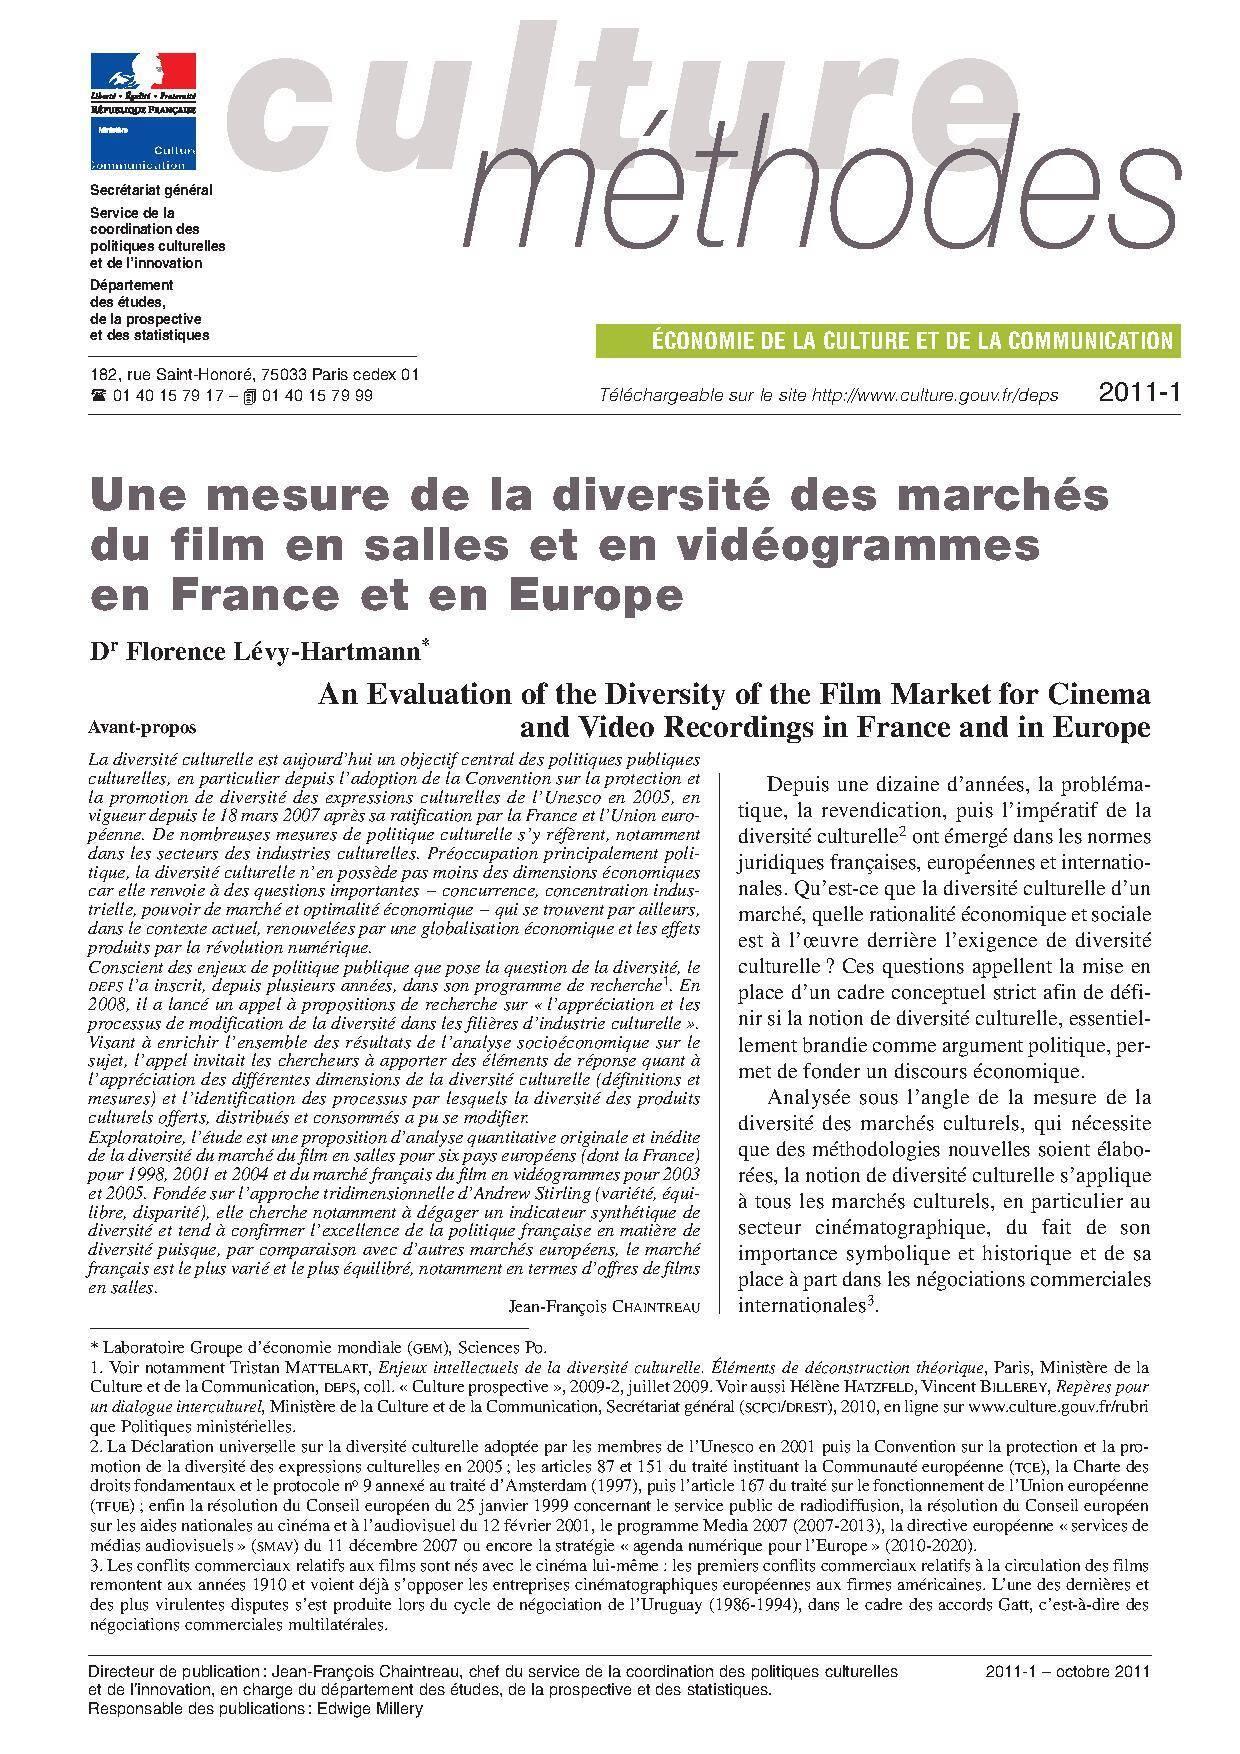 Une mesure de la diversité des marchés du film en salles et en vidéogrammes en France et en Europe